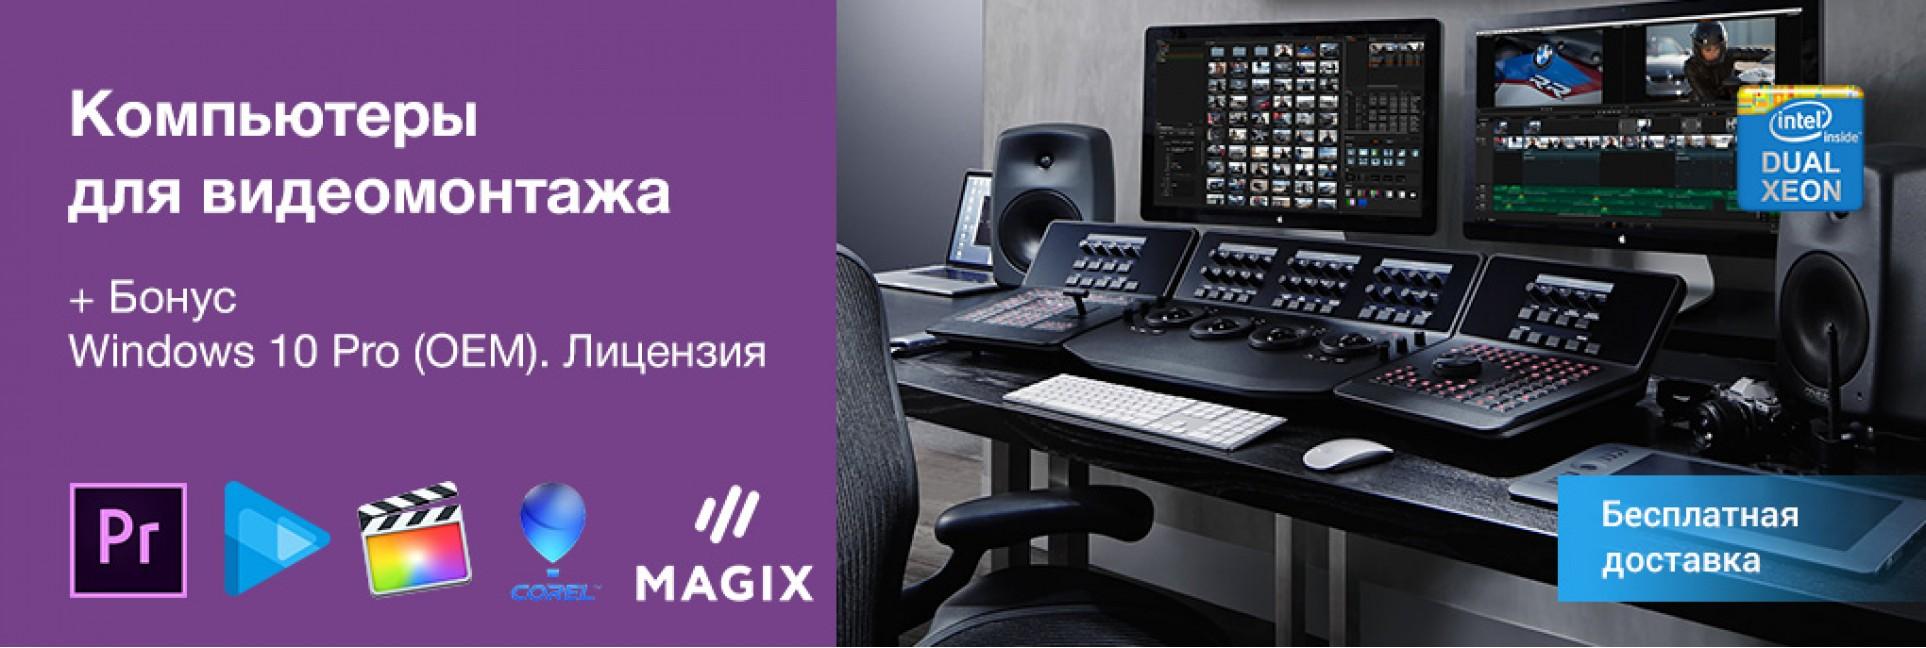 Рабочие станции для монтажа/видеообработки